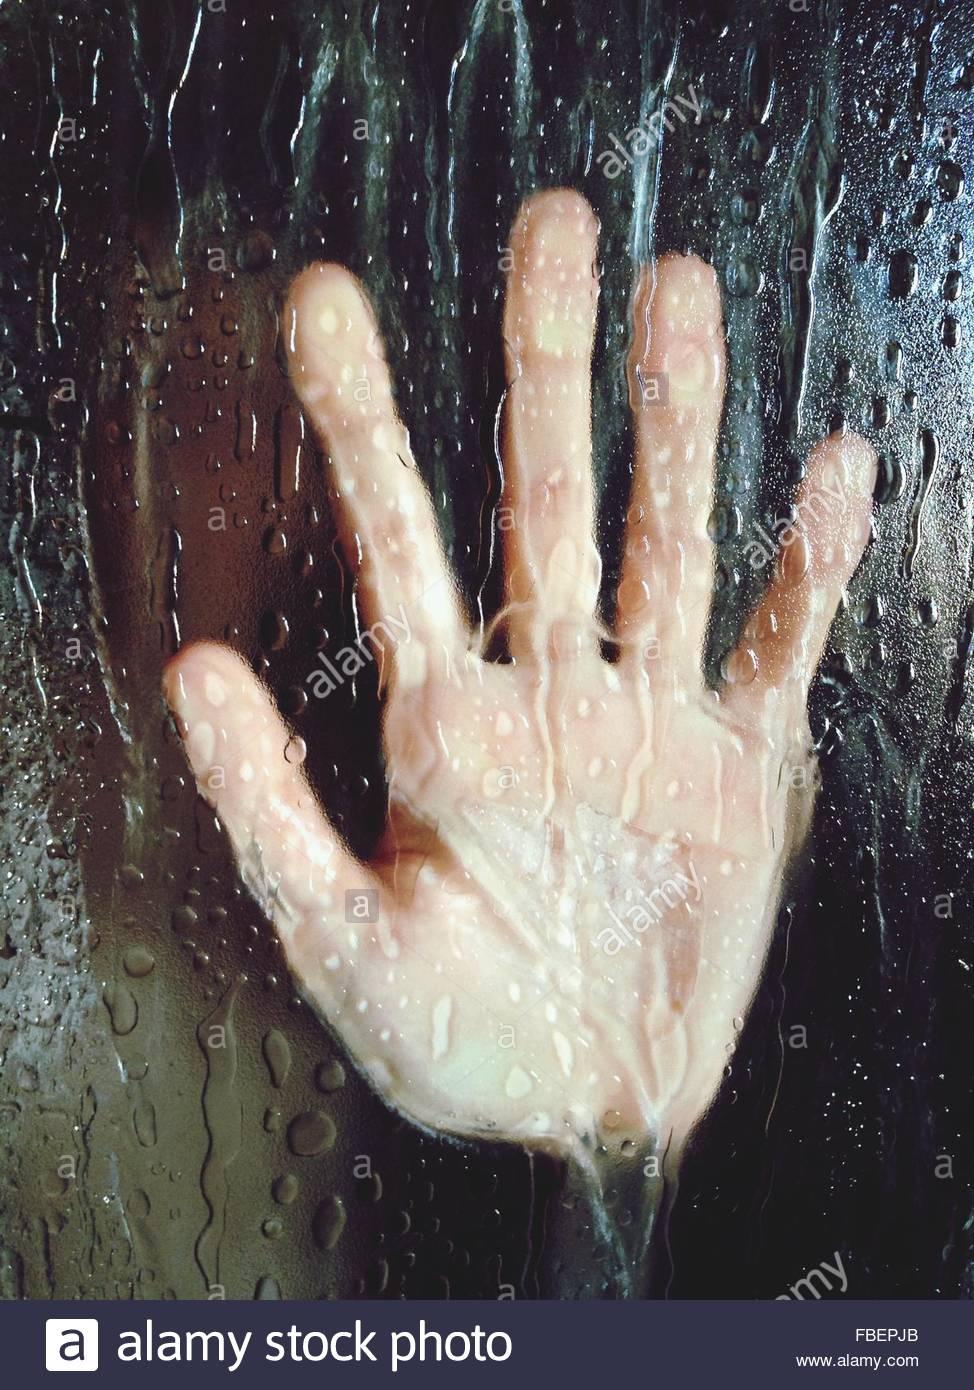 Nahaufnahme der Hand auf nassen Glas Stockbild